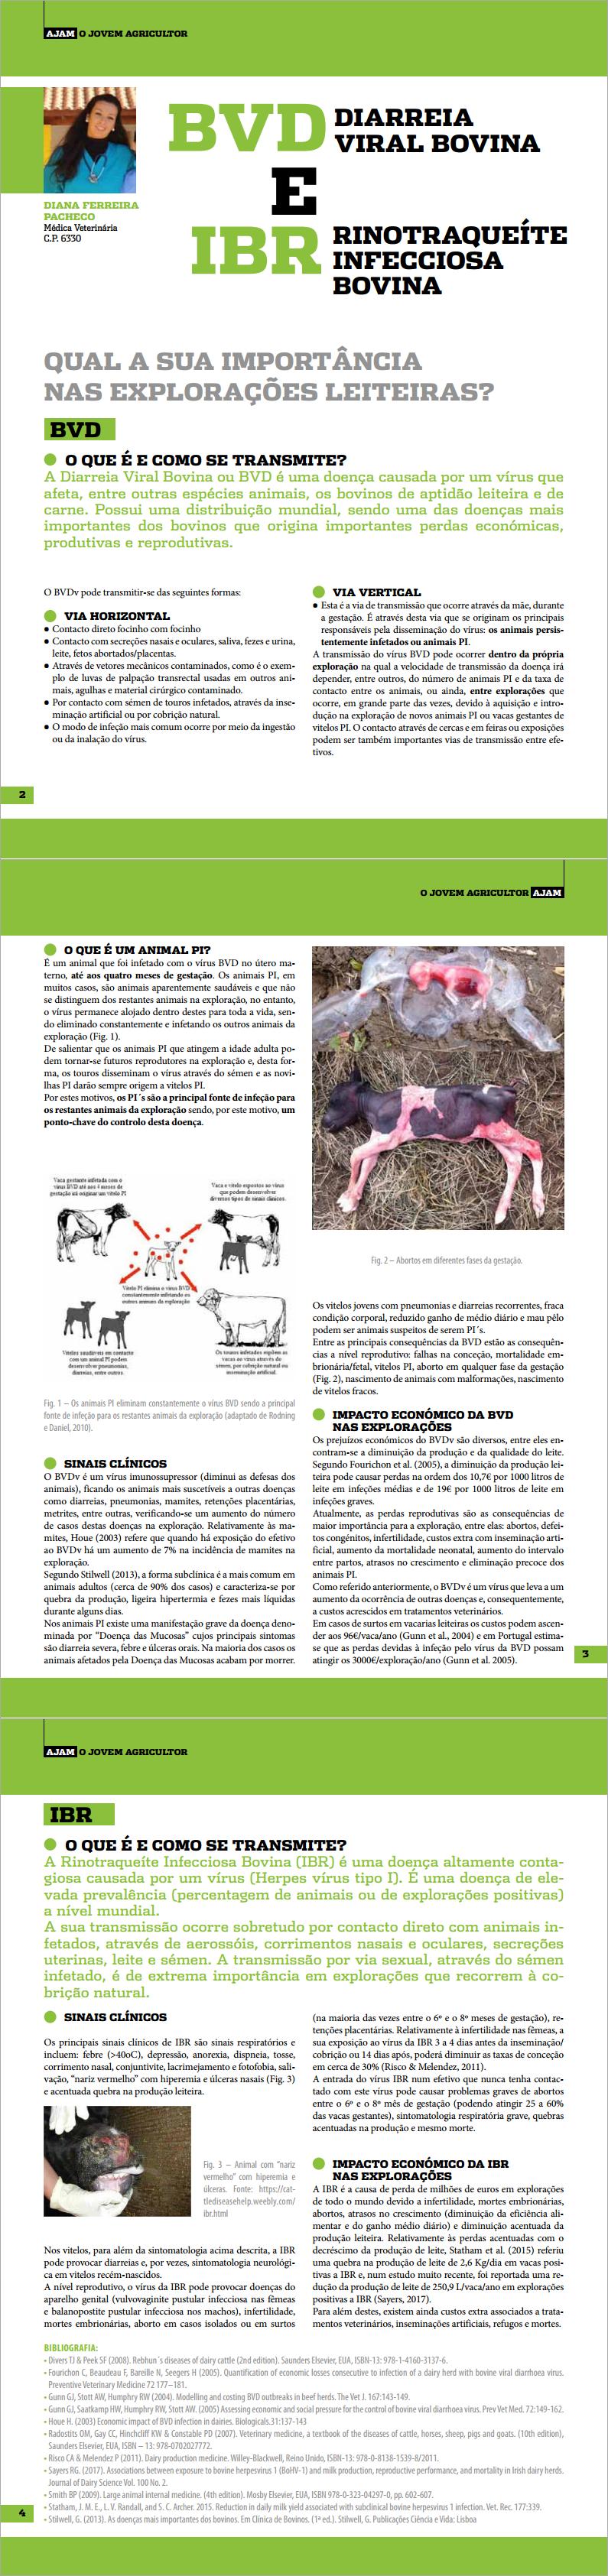 Revista JOVEM AGRICULTOR 46 (1)_Image8